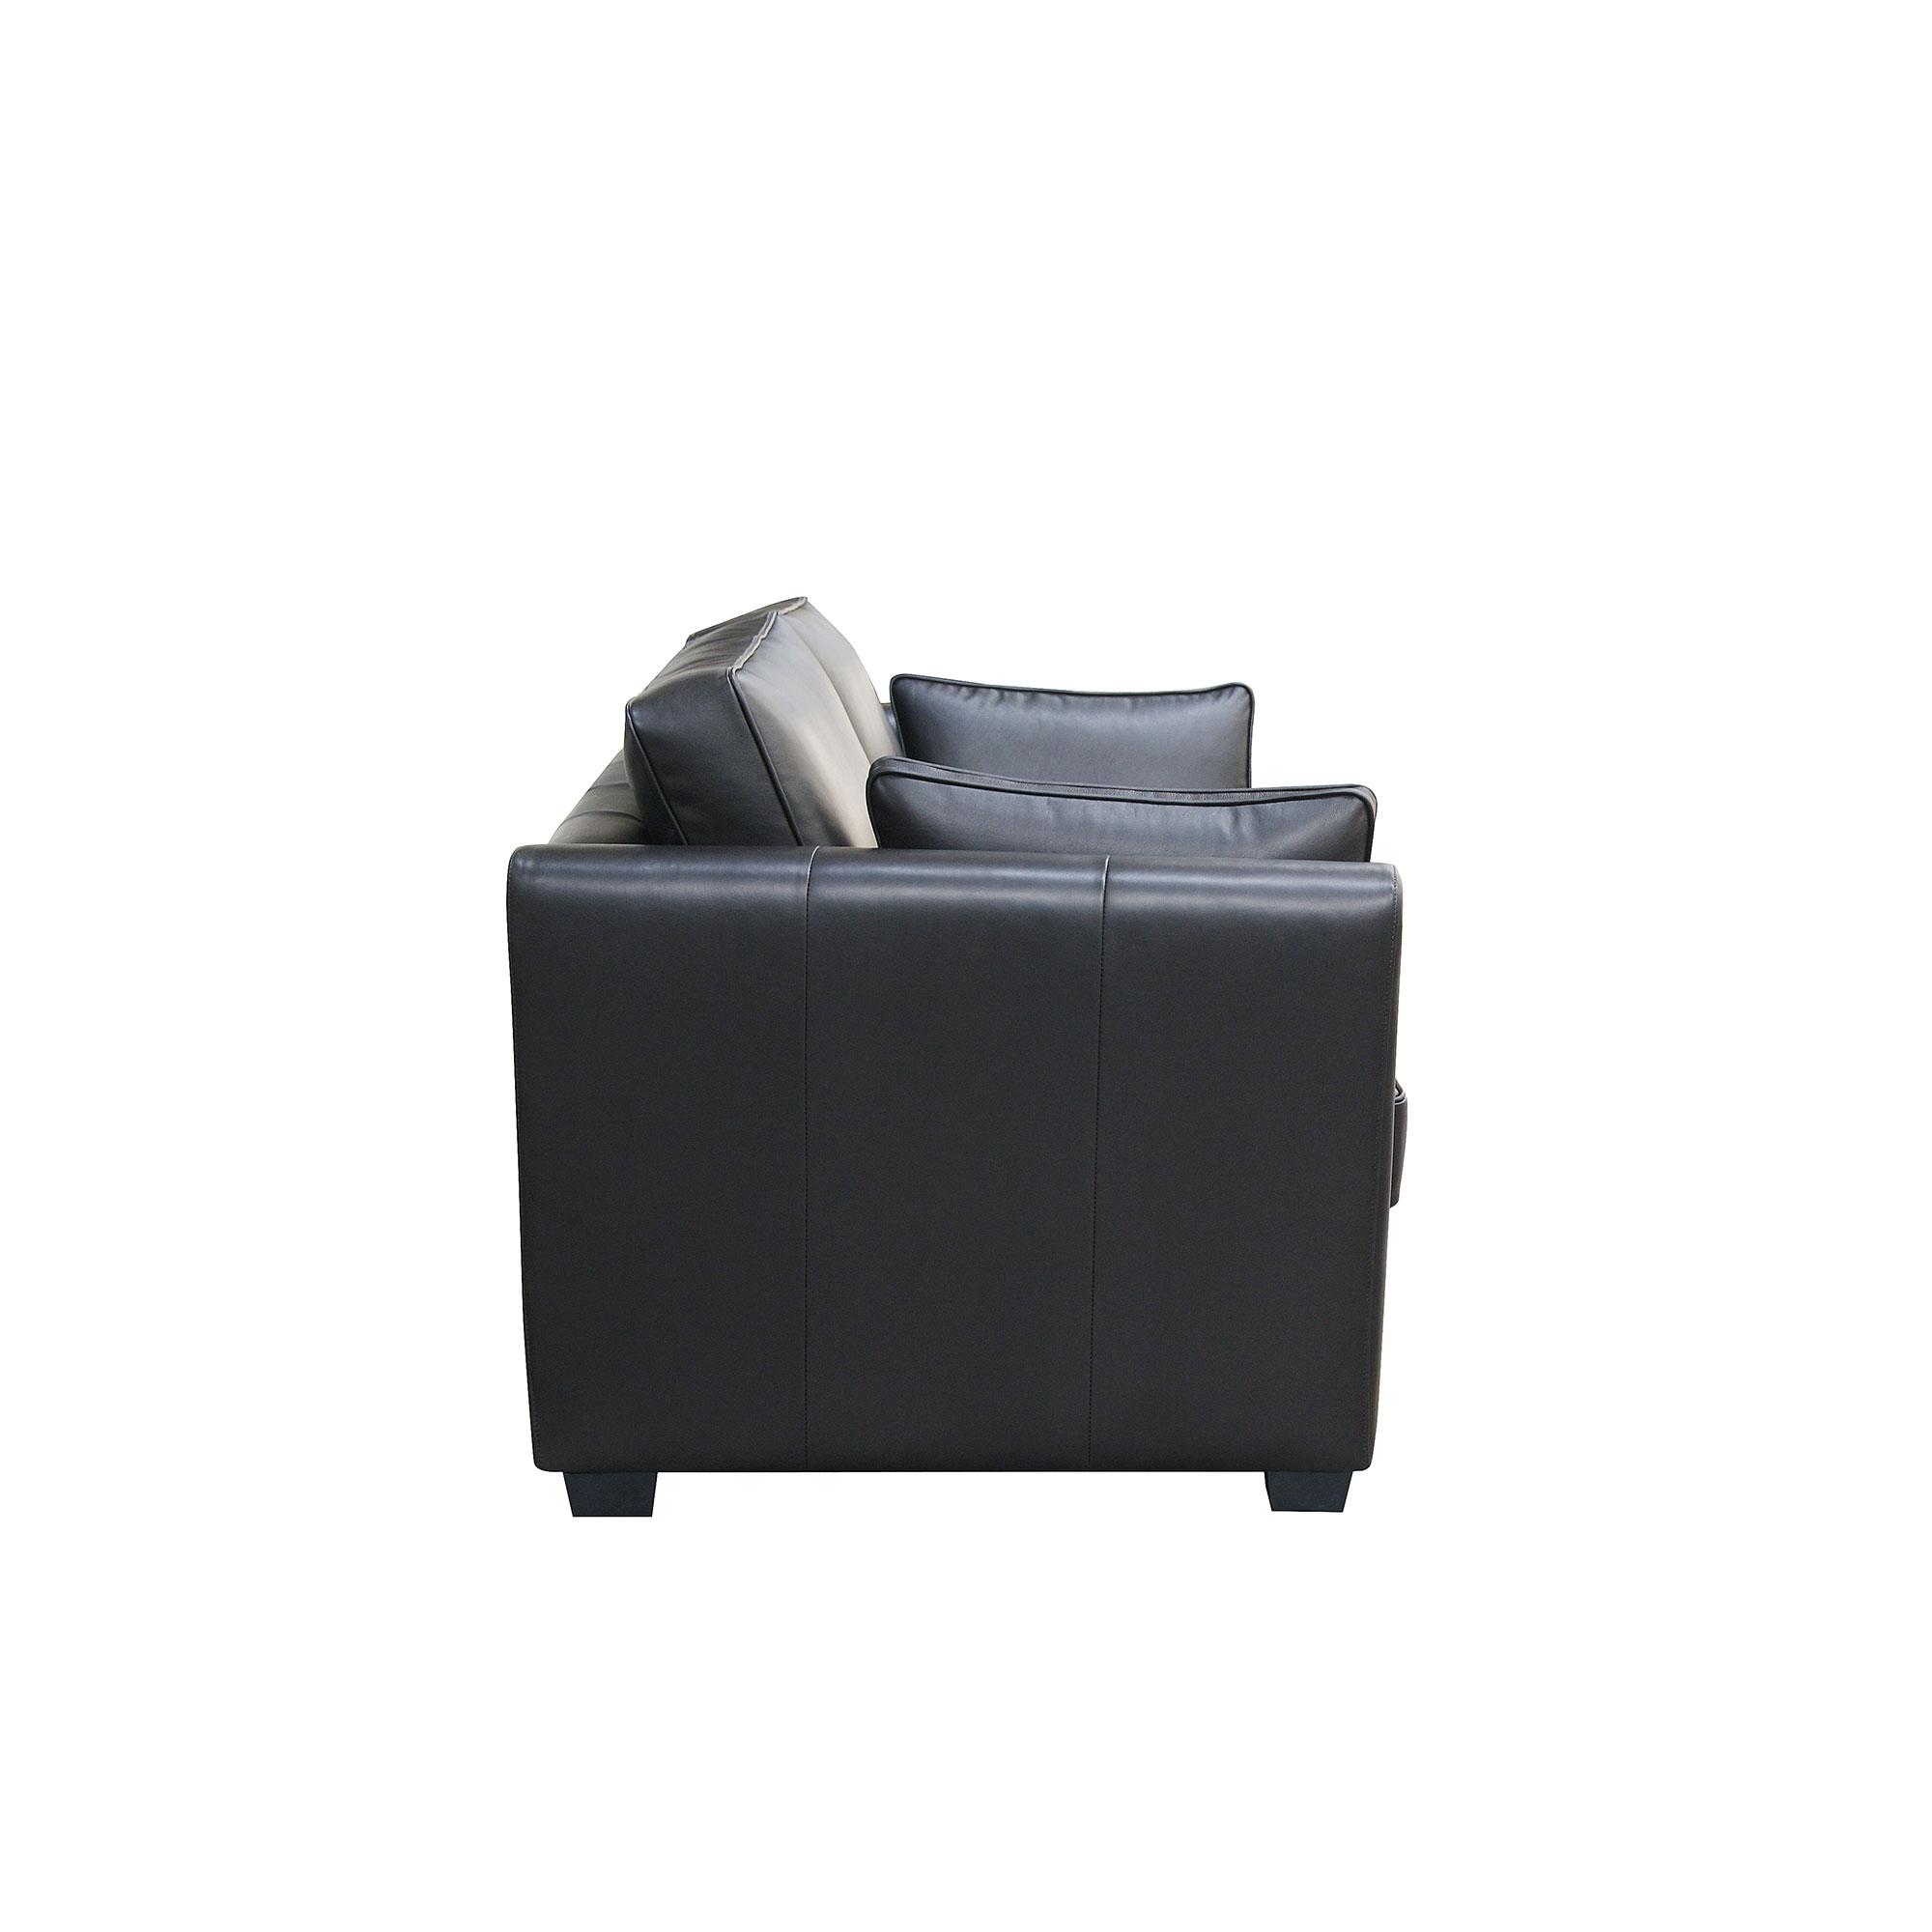 Zen Sofa Moran Furniture